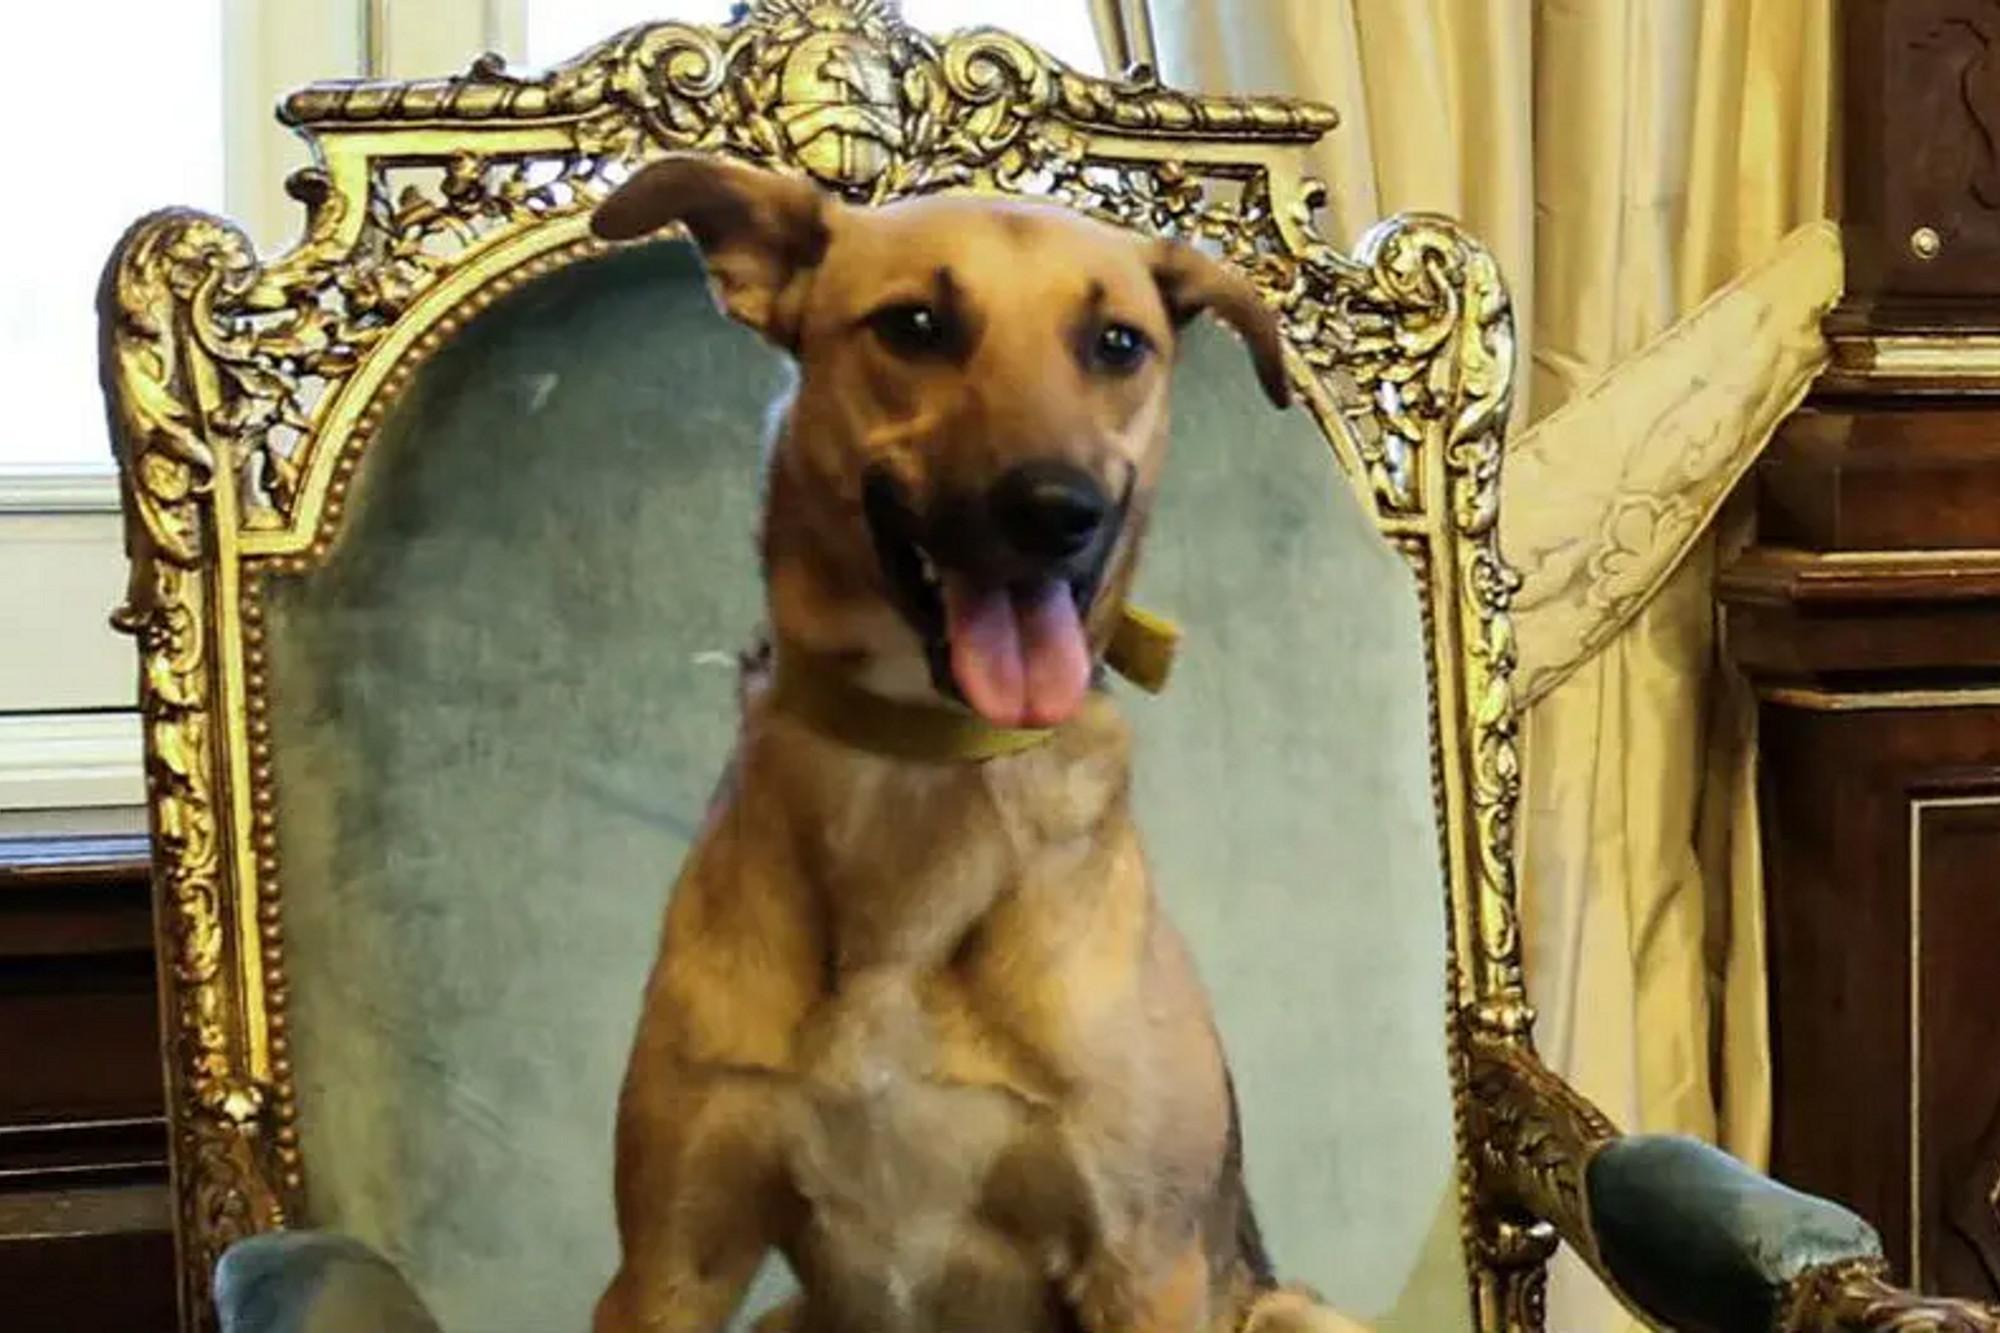 Perros políticos: Balcarce, la cábala de la campaña del Pro, pasó del sillón presidencial al anonimato